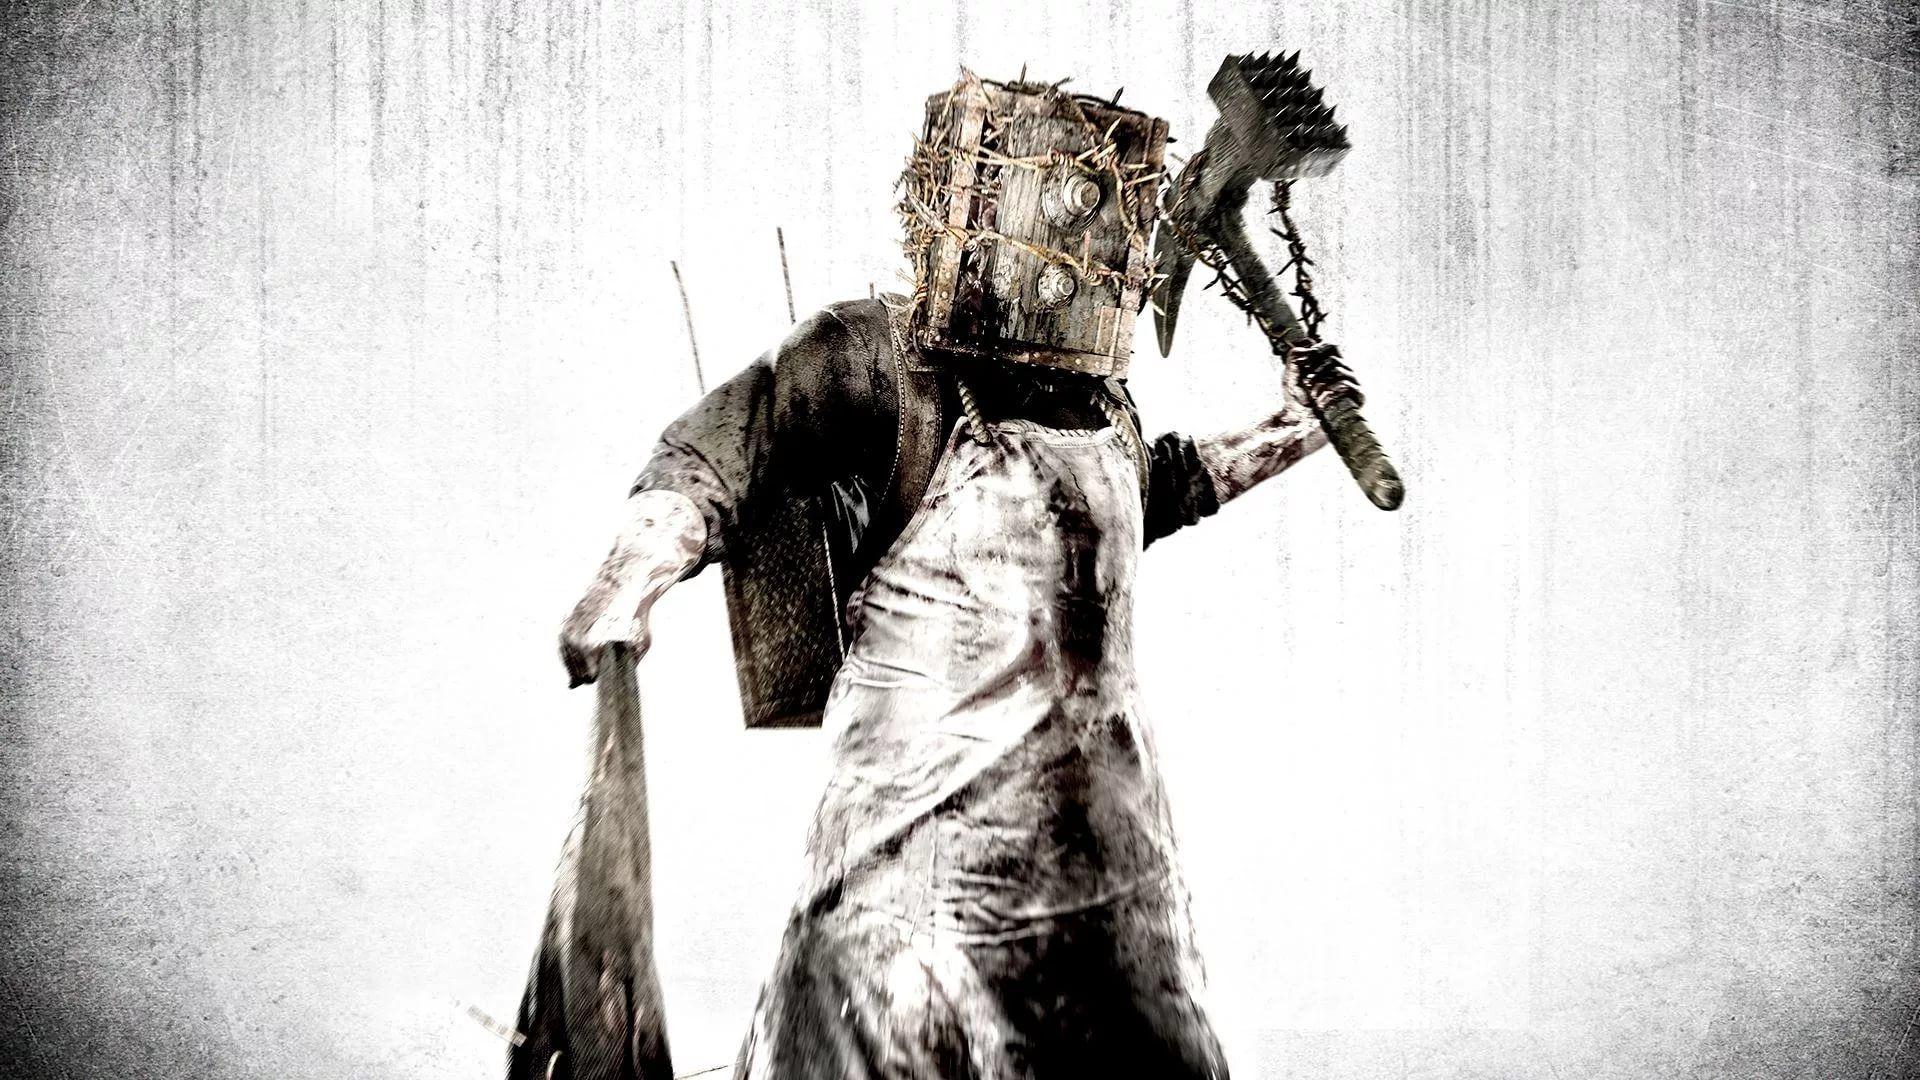 Horror Wallpaper Image